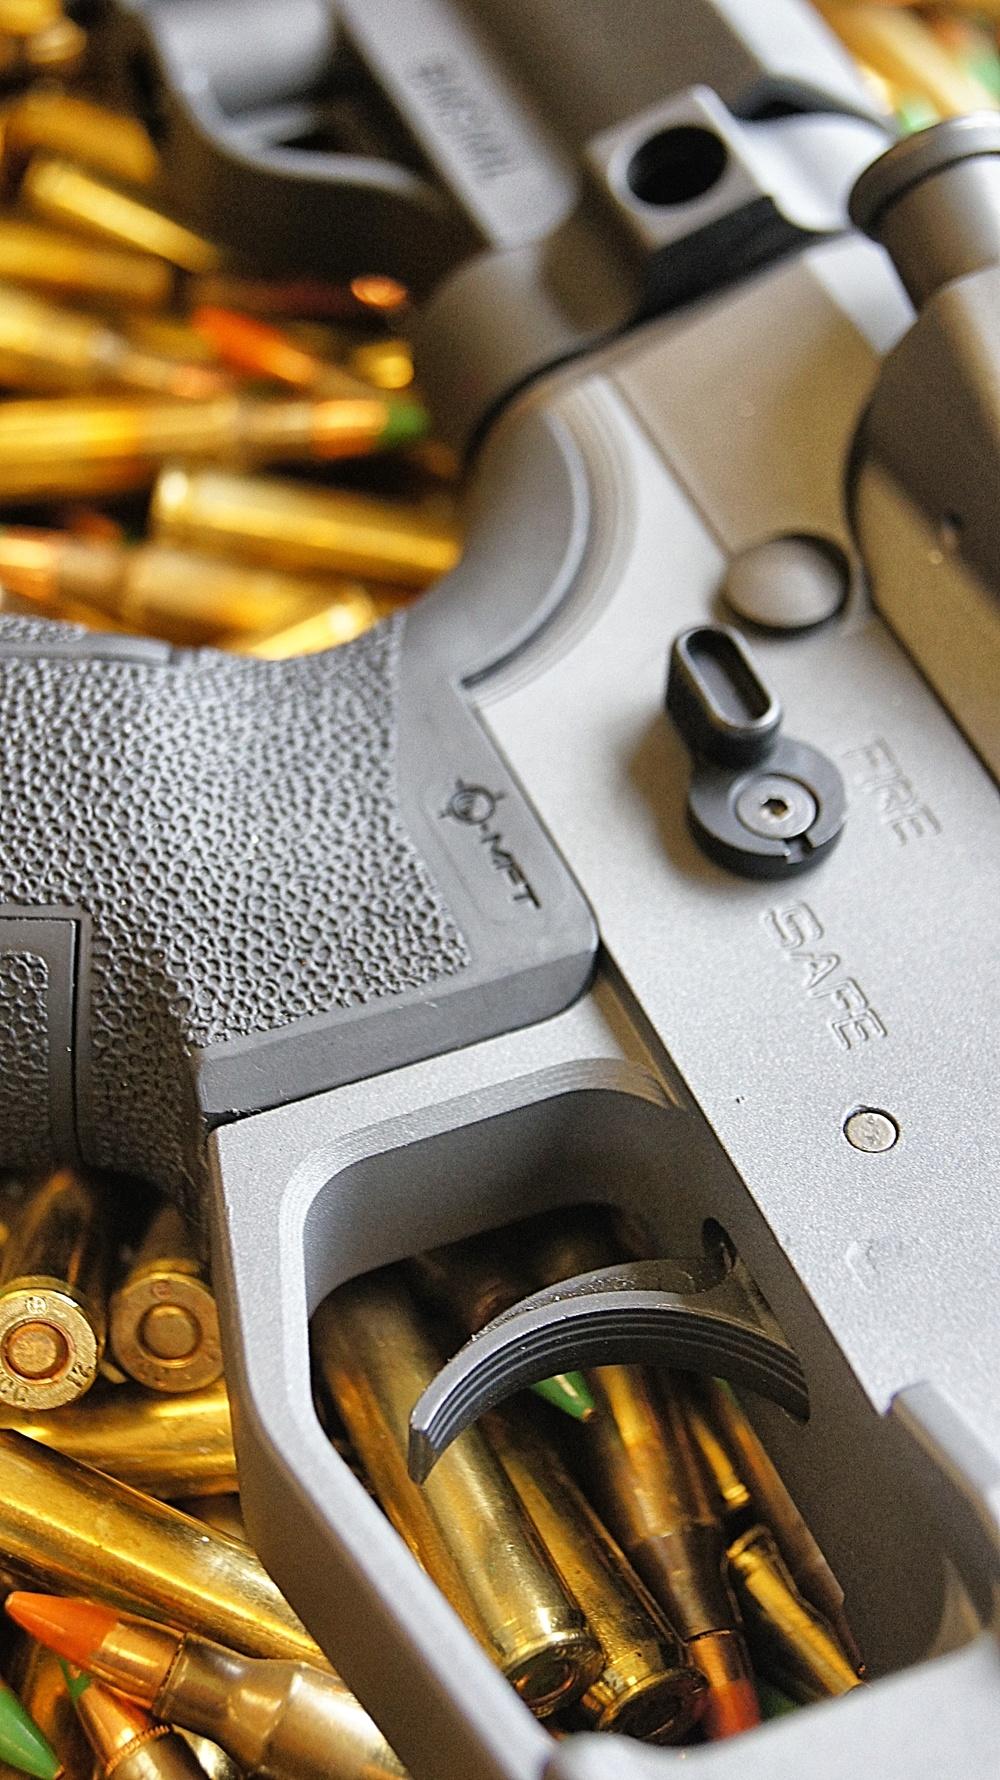 mft pistol grip.jpg